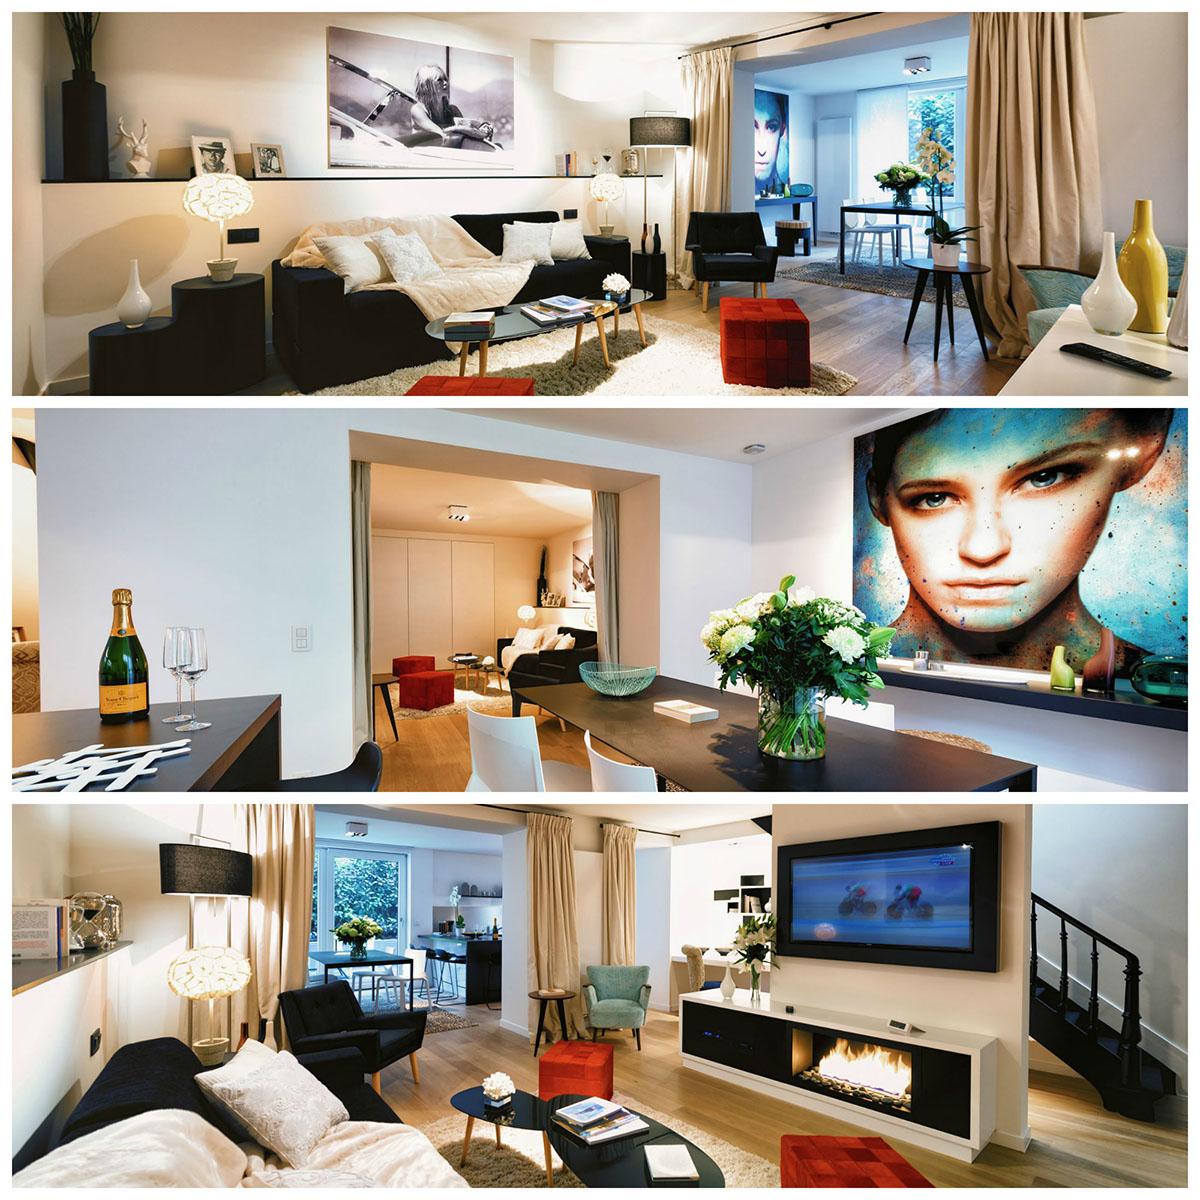 La Maison Amazone de Charles'home dans le quartier du Chatelain, des appartements meublés de luxe à Bruxelles